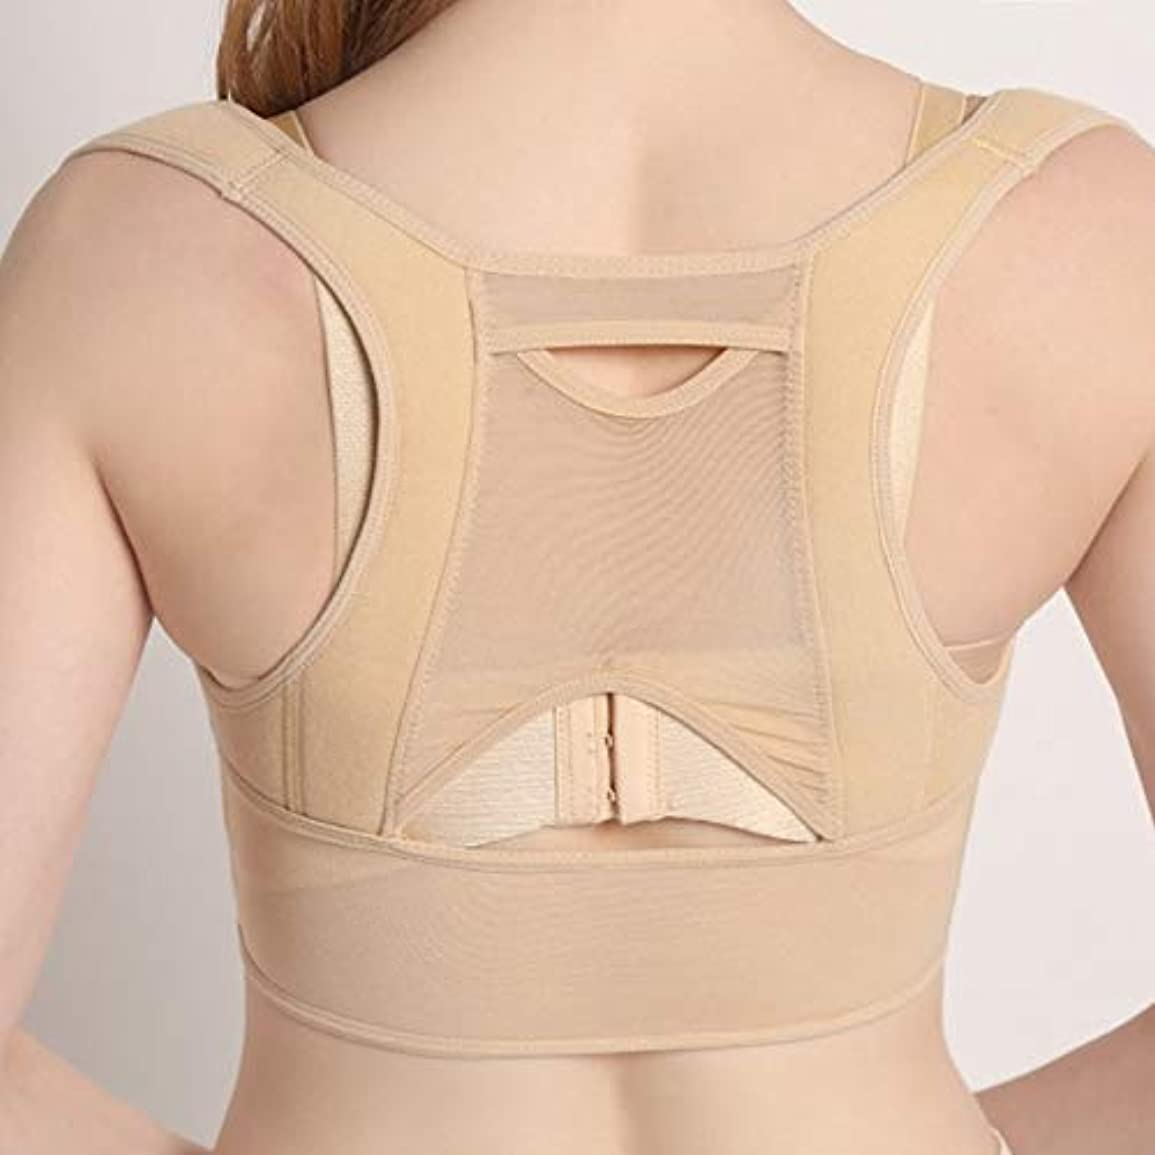 終わったピーブ当社通気性のある女性の背中の姿勢矯正コルセット整形外科の背中の肩の背骨の姿勢矯正腰椎サポート - ベージュホワイトL